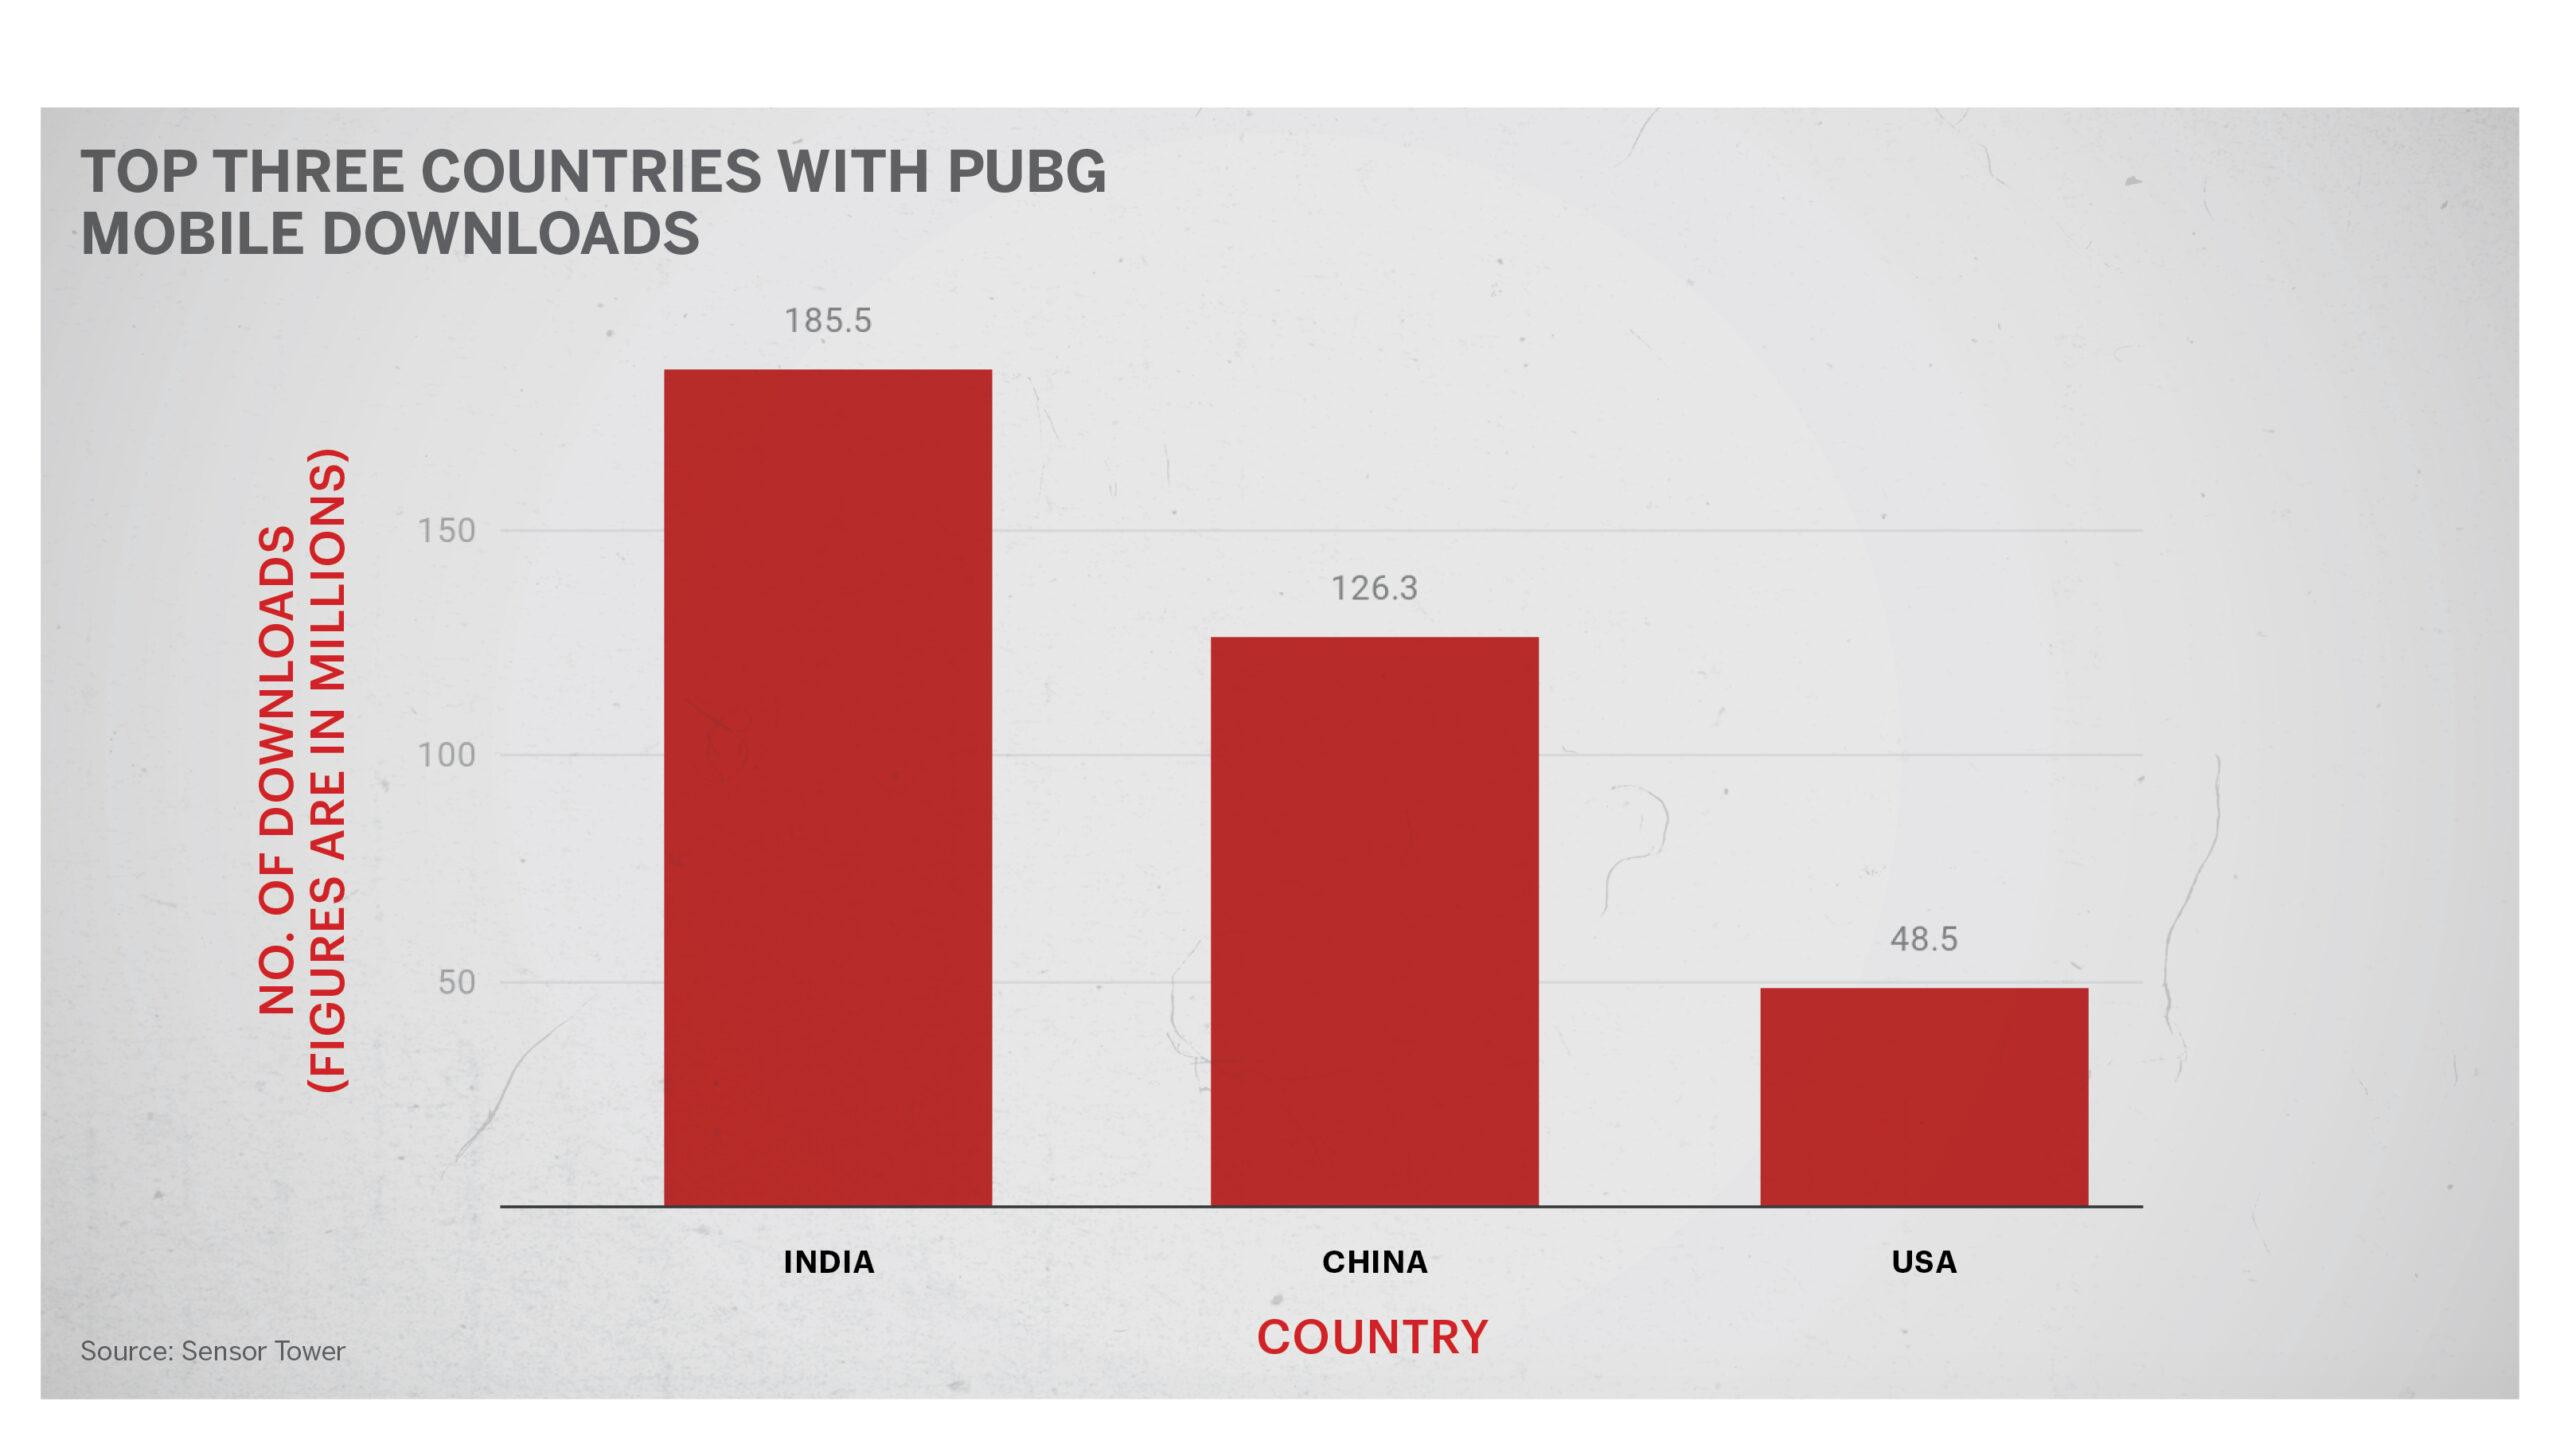 PUBG downloads